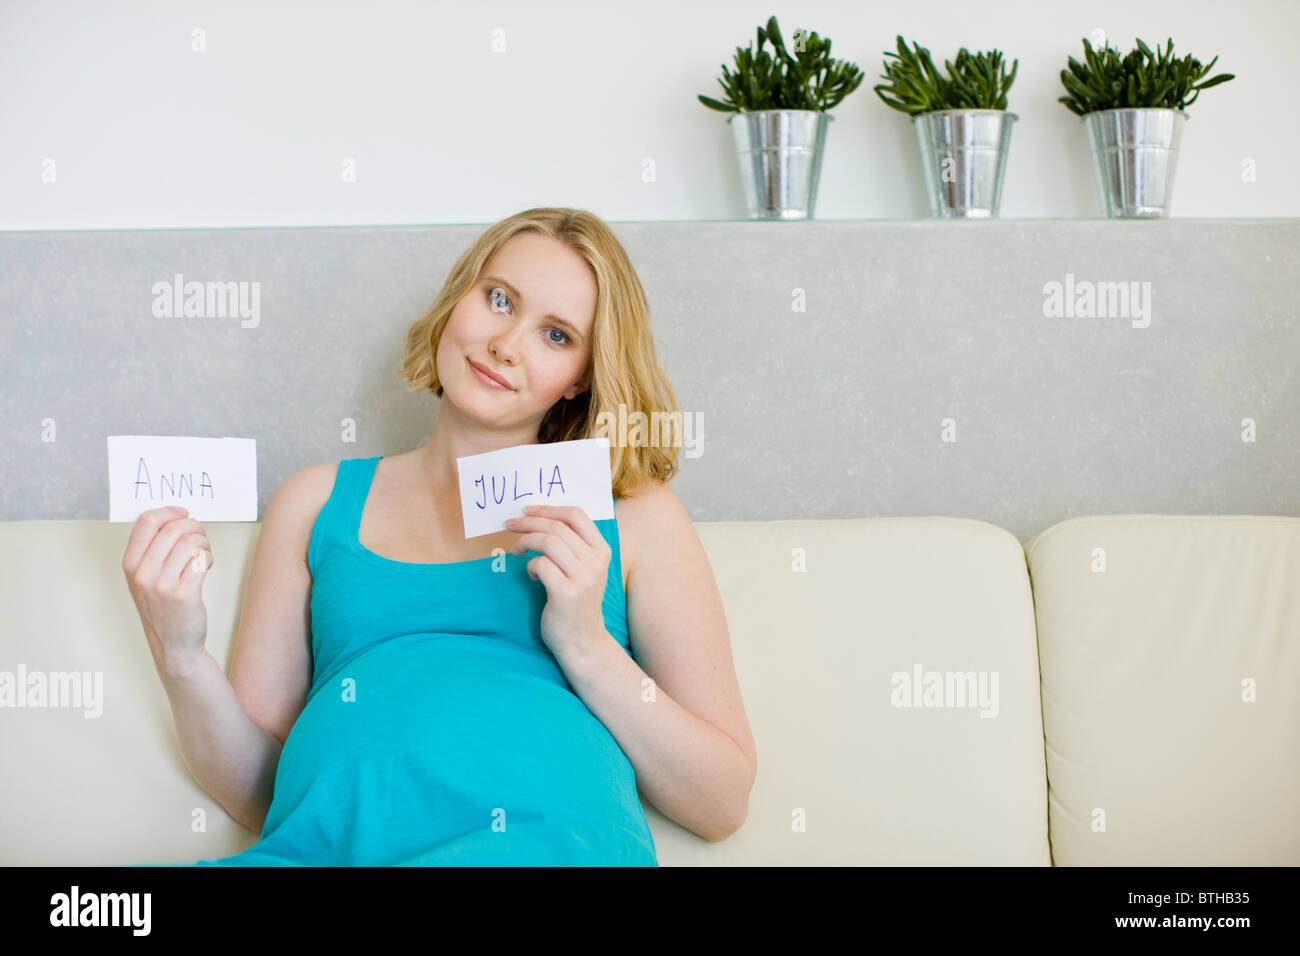 Femme enceinte le choix de nom pour bébé Photo Stock